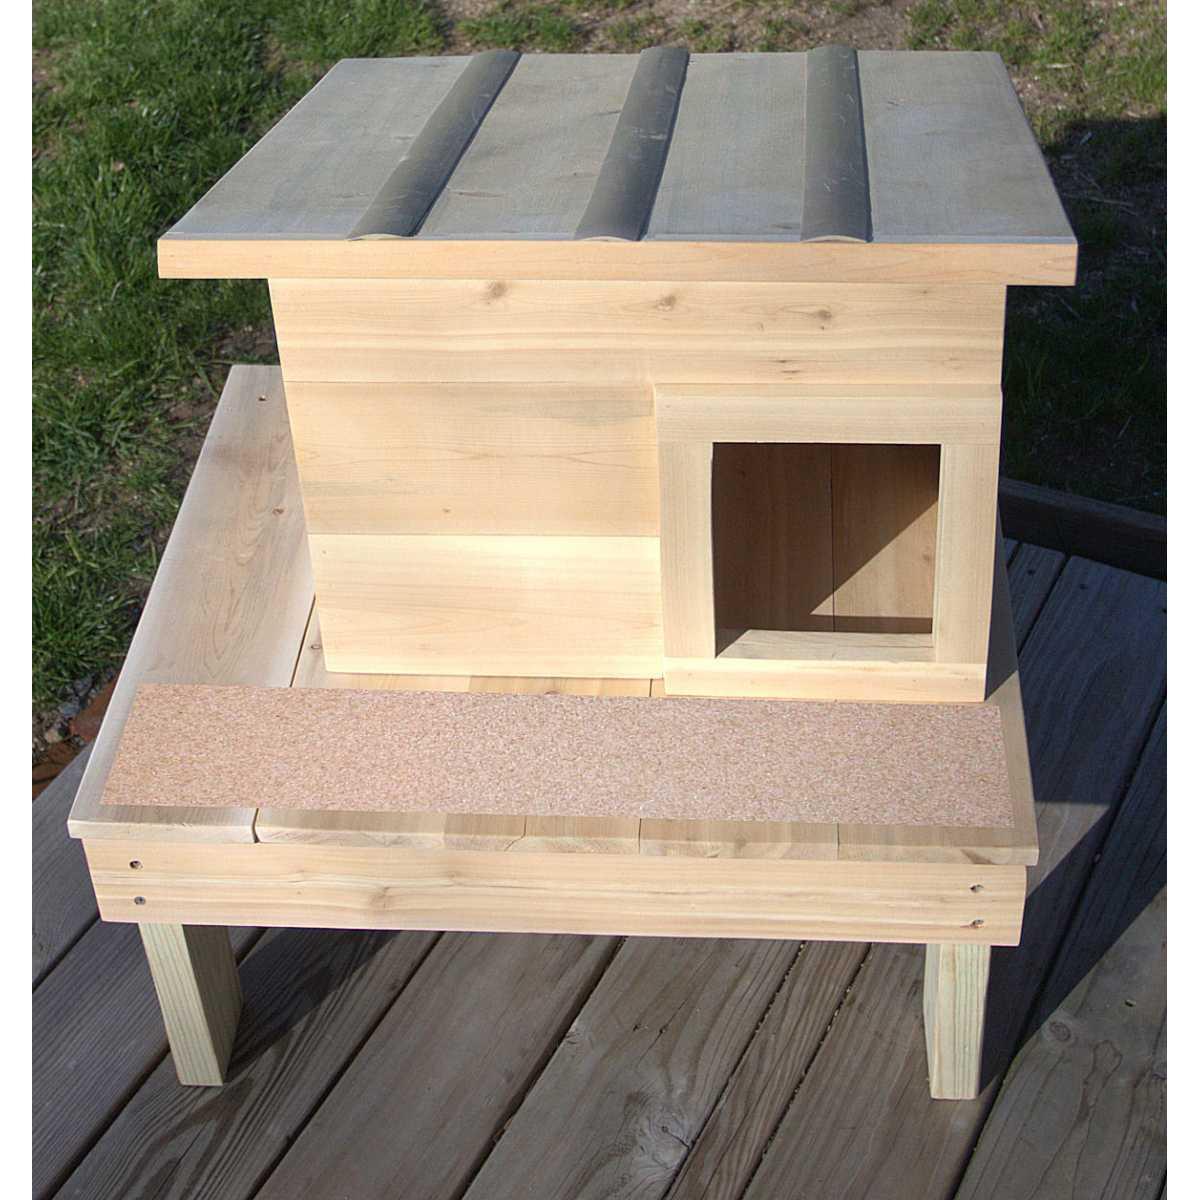 Phenomenal Double Deck Outdoor Cedar Wood Cat House Shelter Door Handles Collection Olytizonderlifede